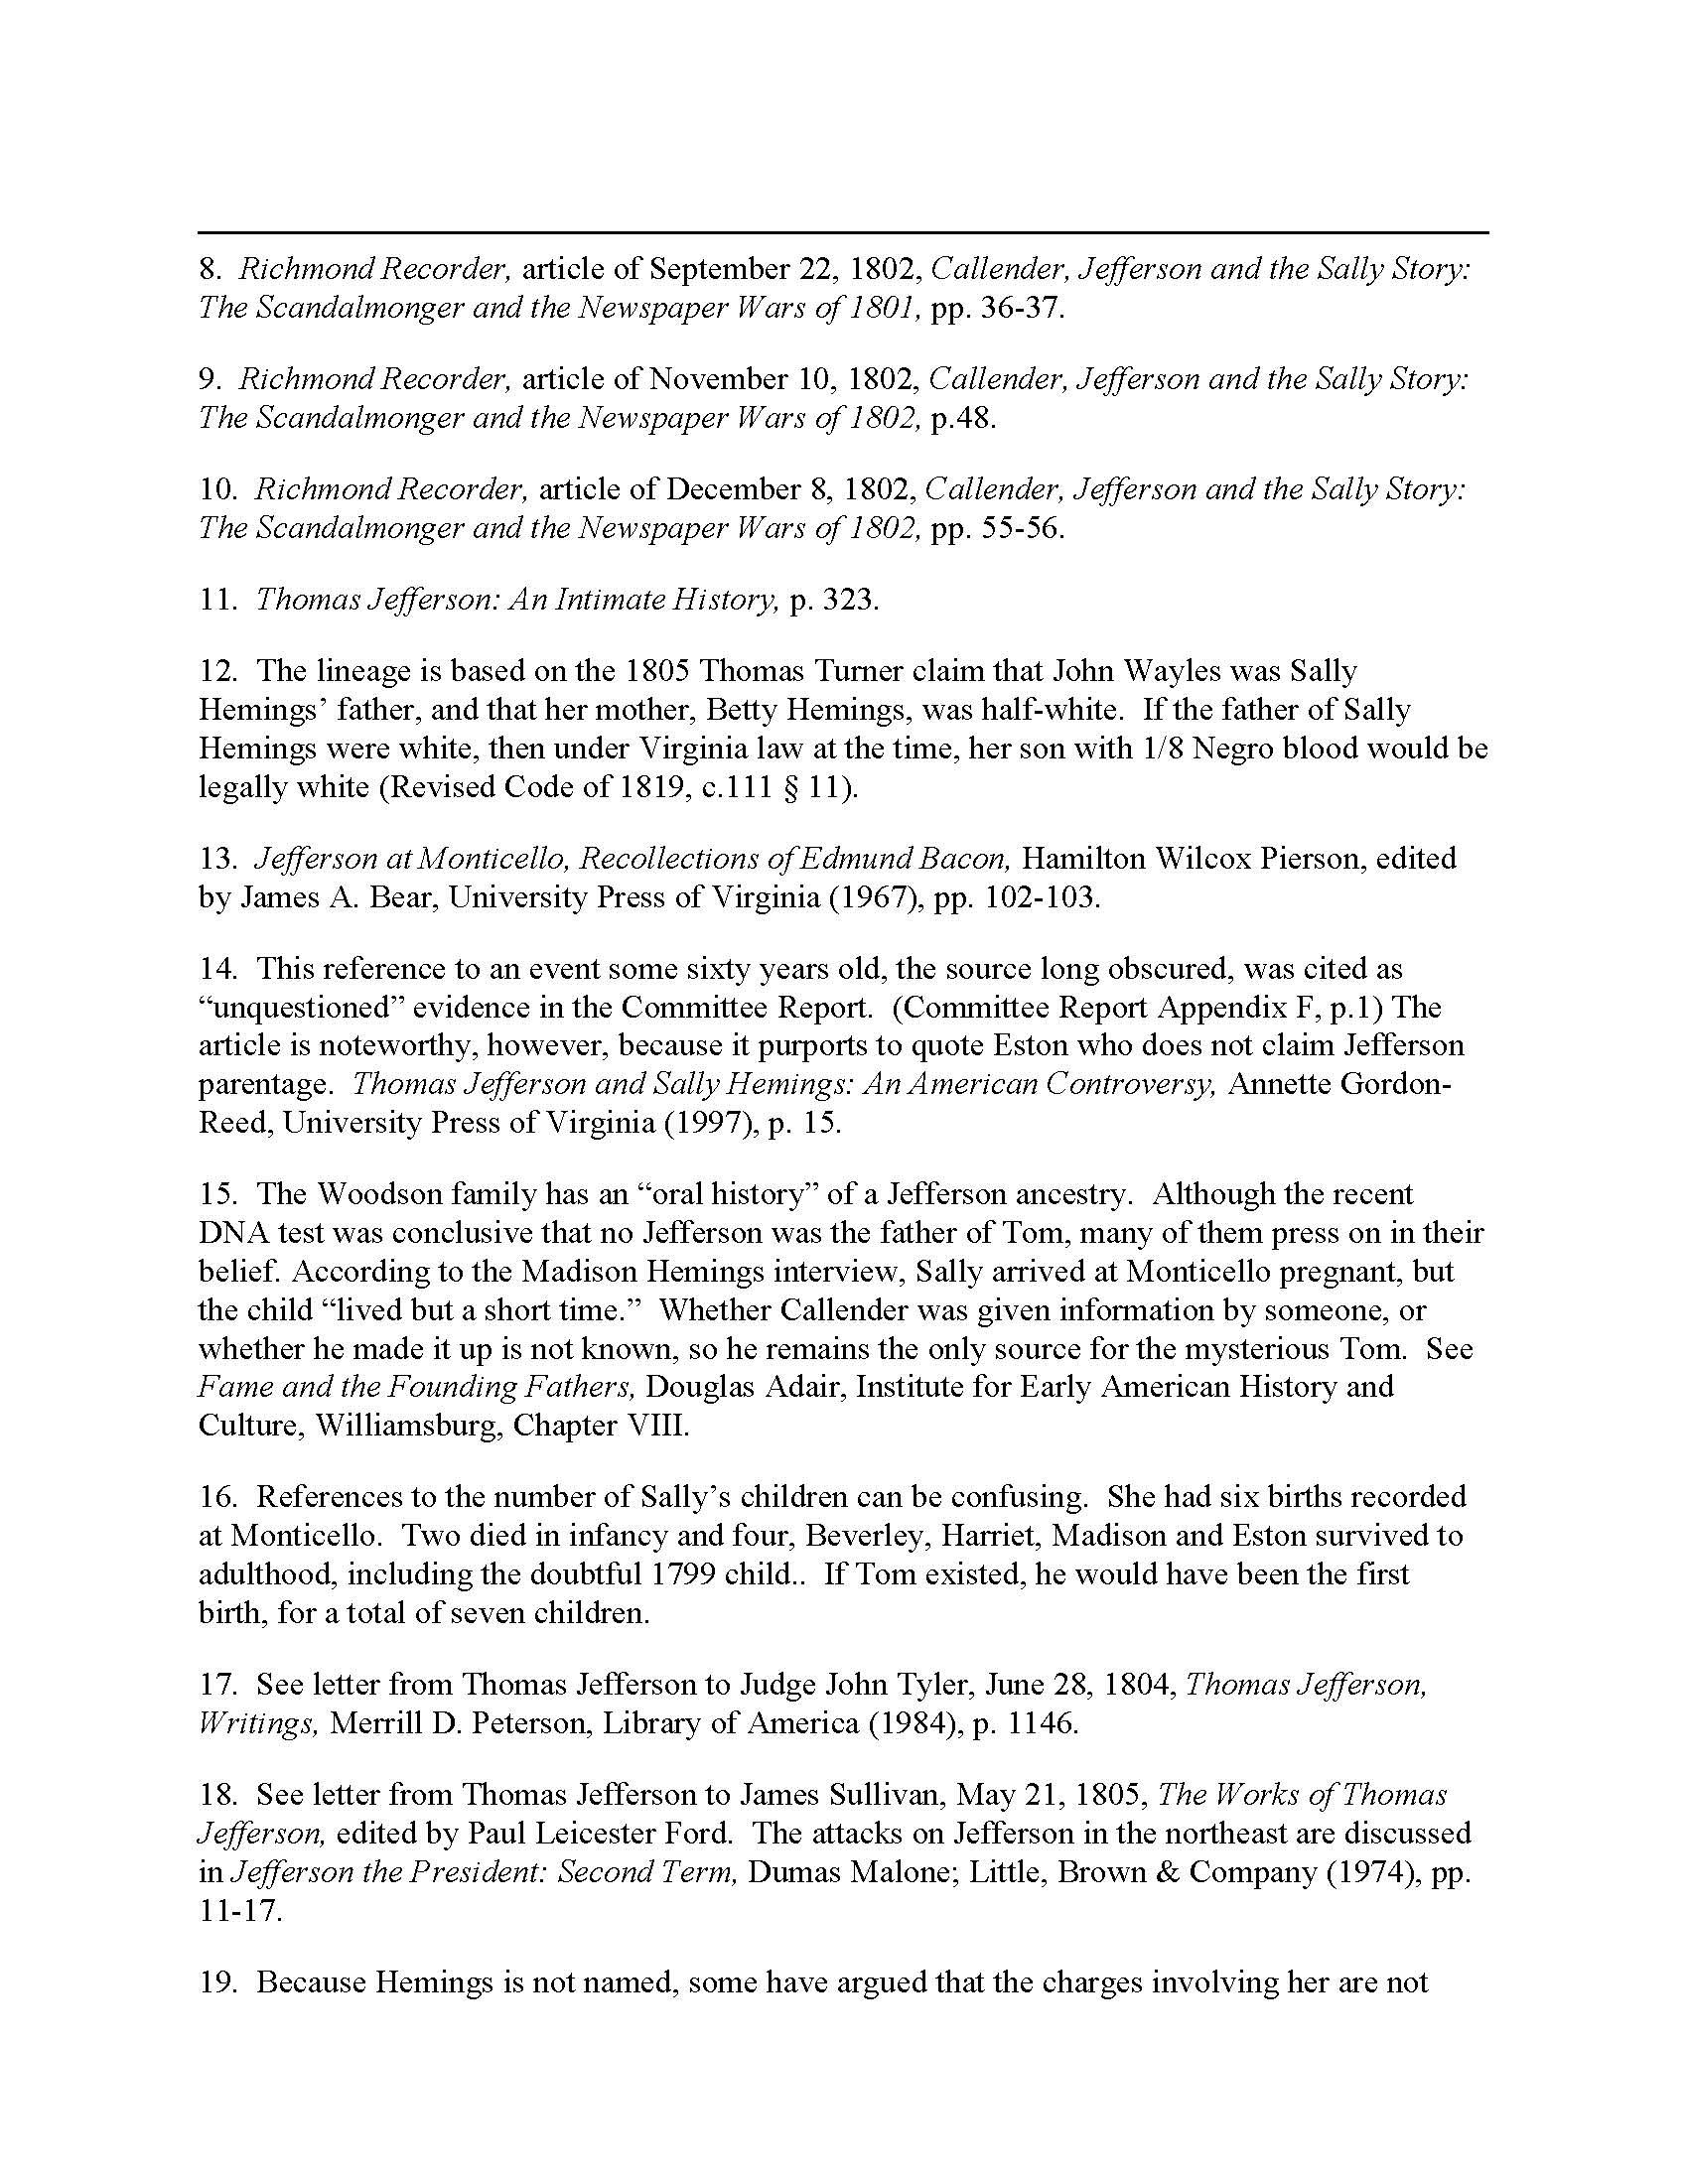 TrialAnalysis_Page_23.jpg